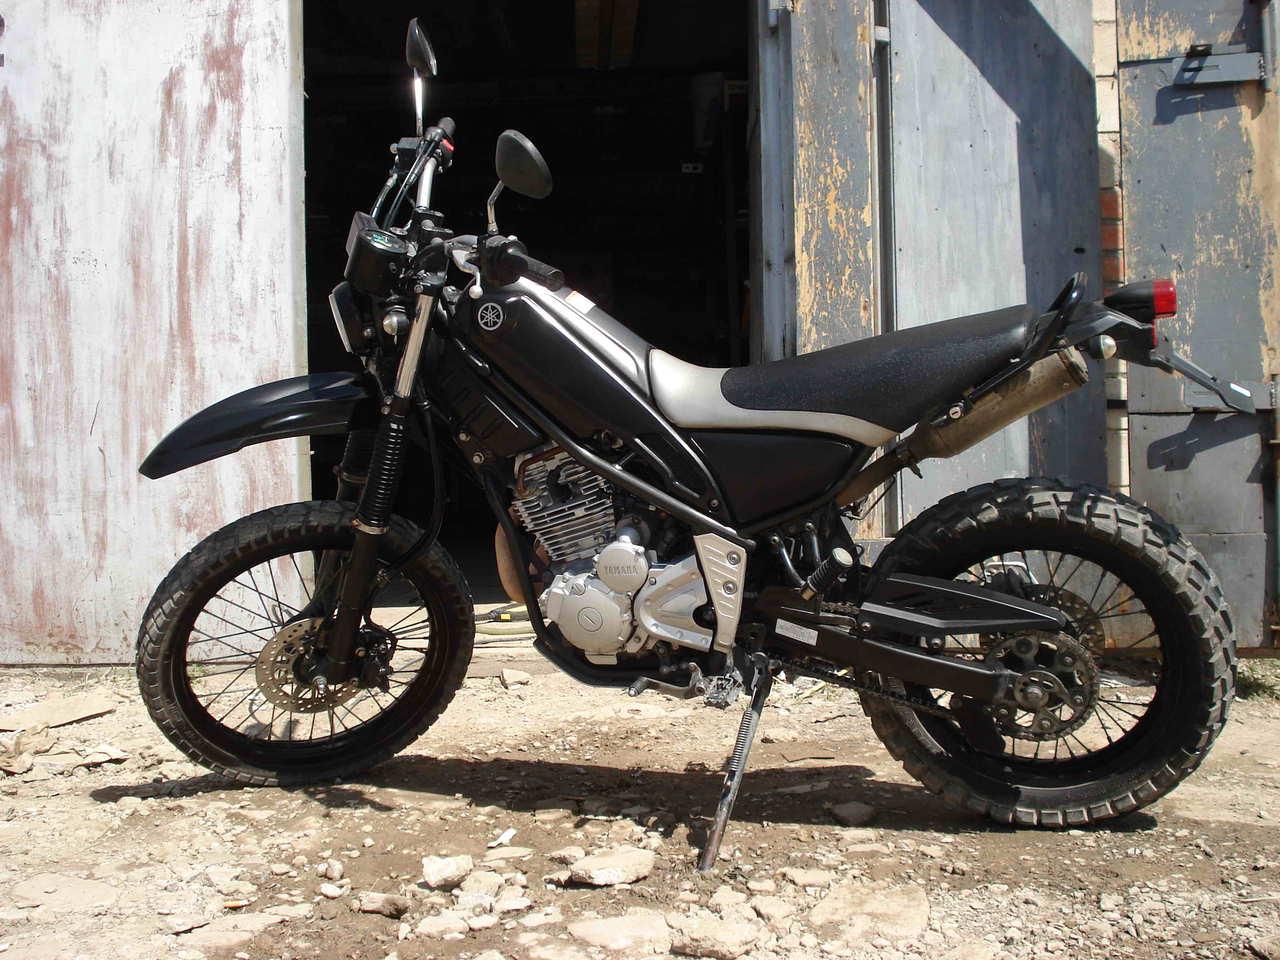 Used 2003 yamaha tw photos 0 3 for sale for Yamaha tw 250